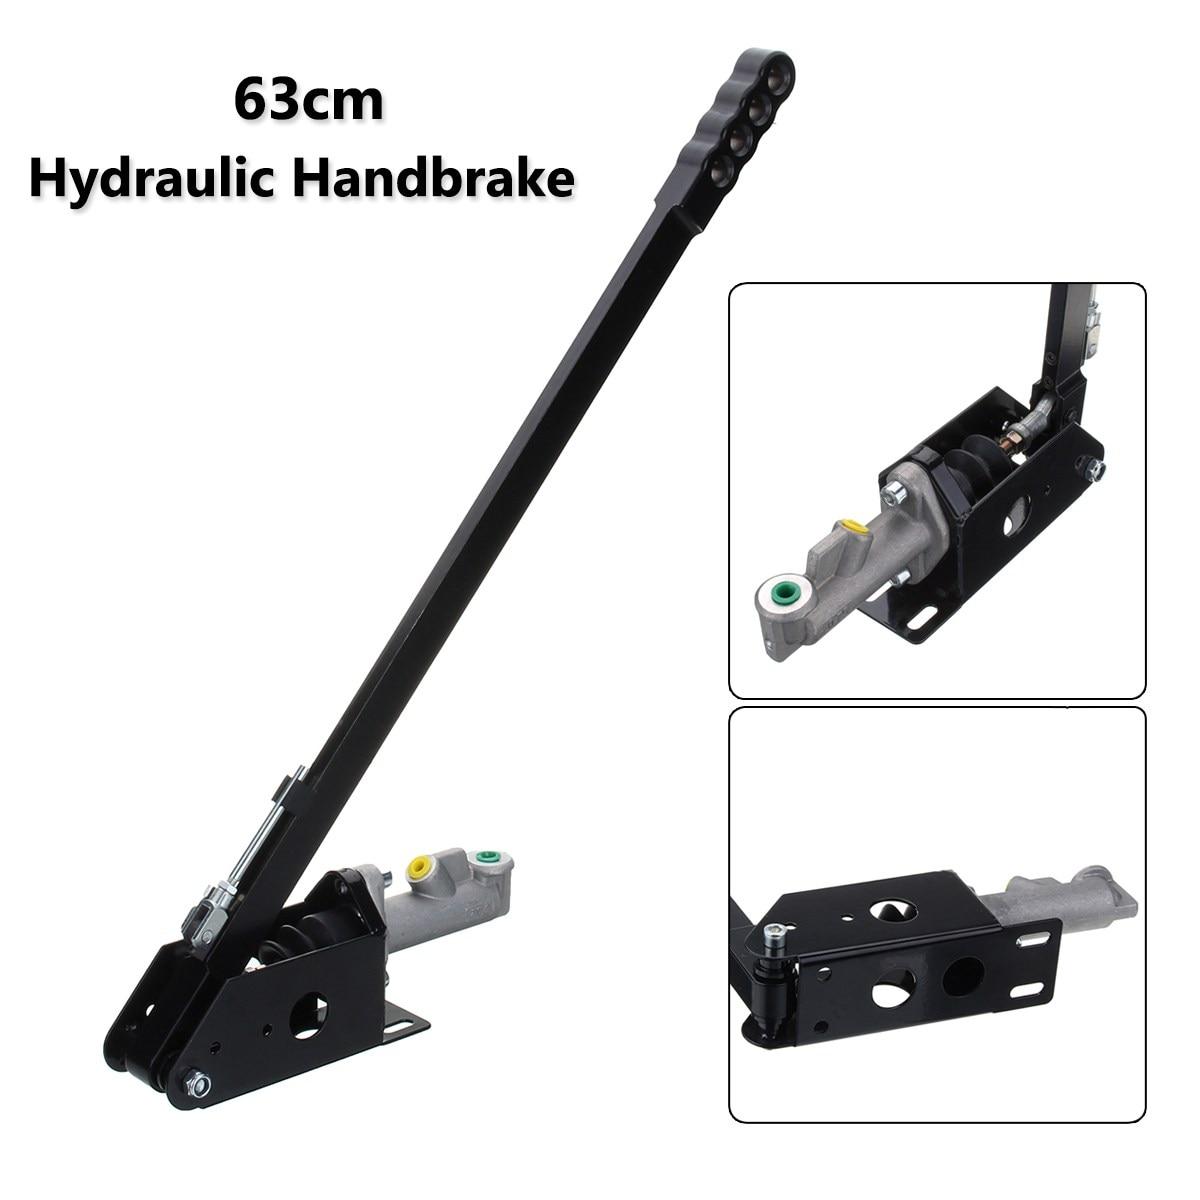 63 см Универсальный длинный вертикальный гидравлический ручной тормоз Hydro E-brake Drift Race ручной тормоз